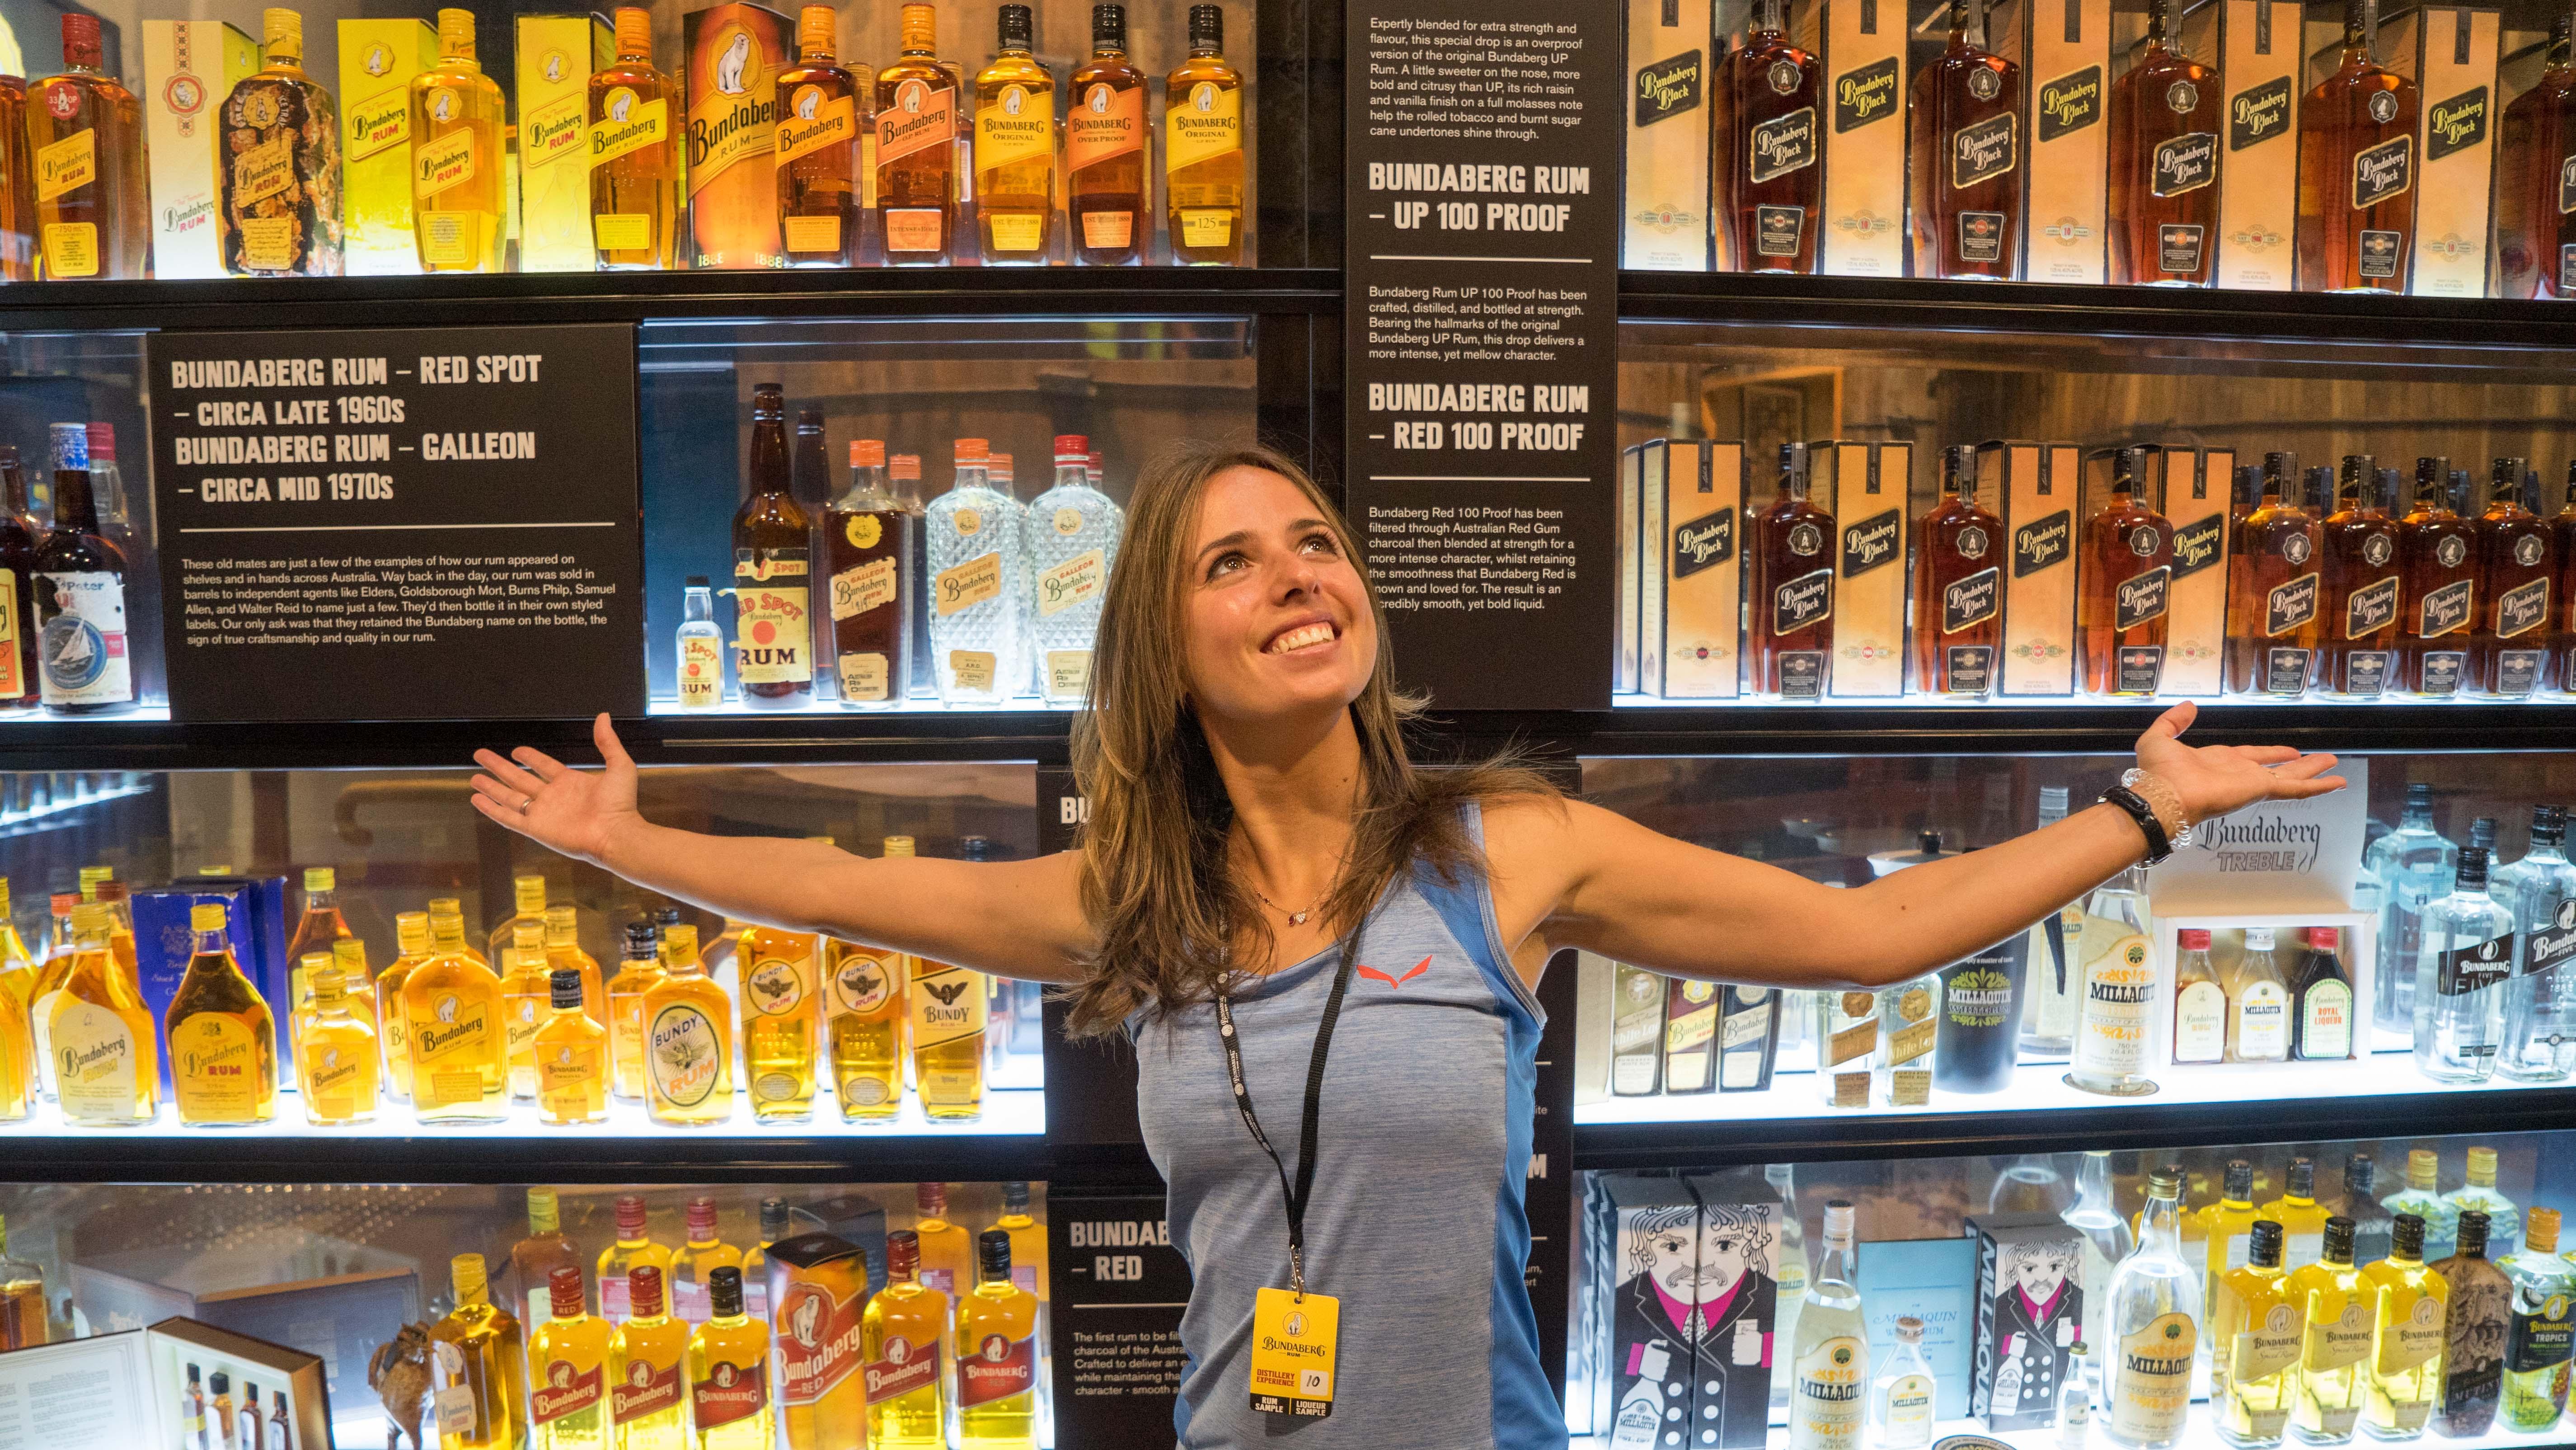 Australien: Leckerer Rum und Ingwerbier in Bundaberg